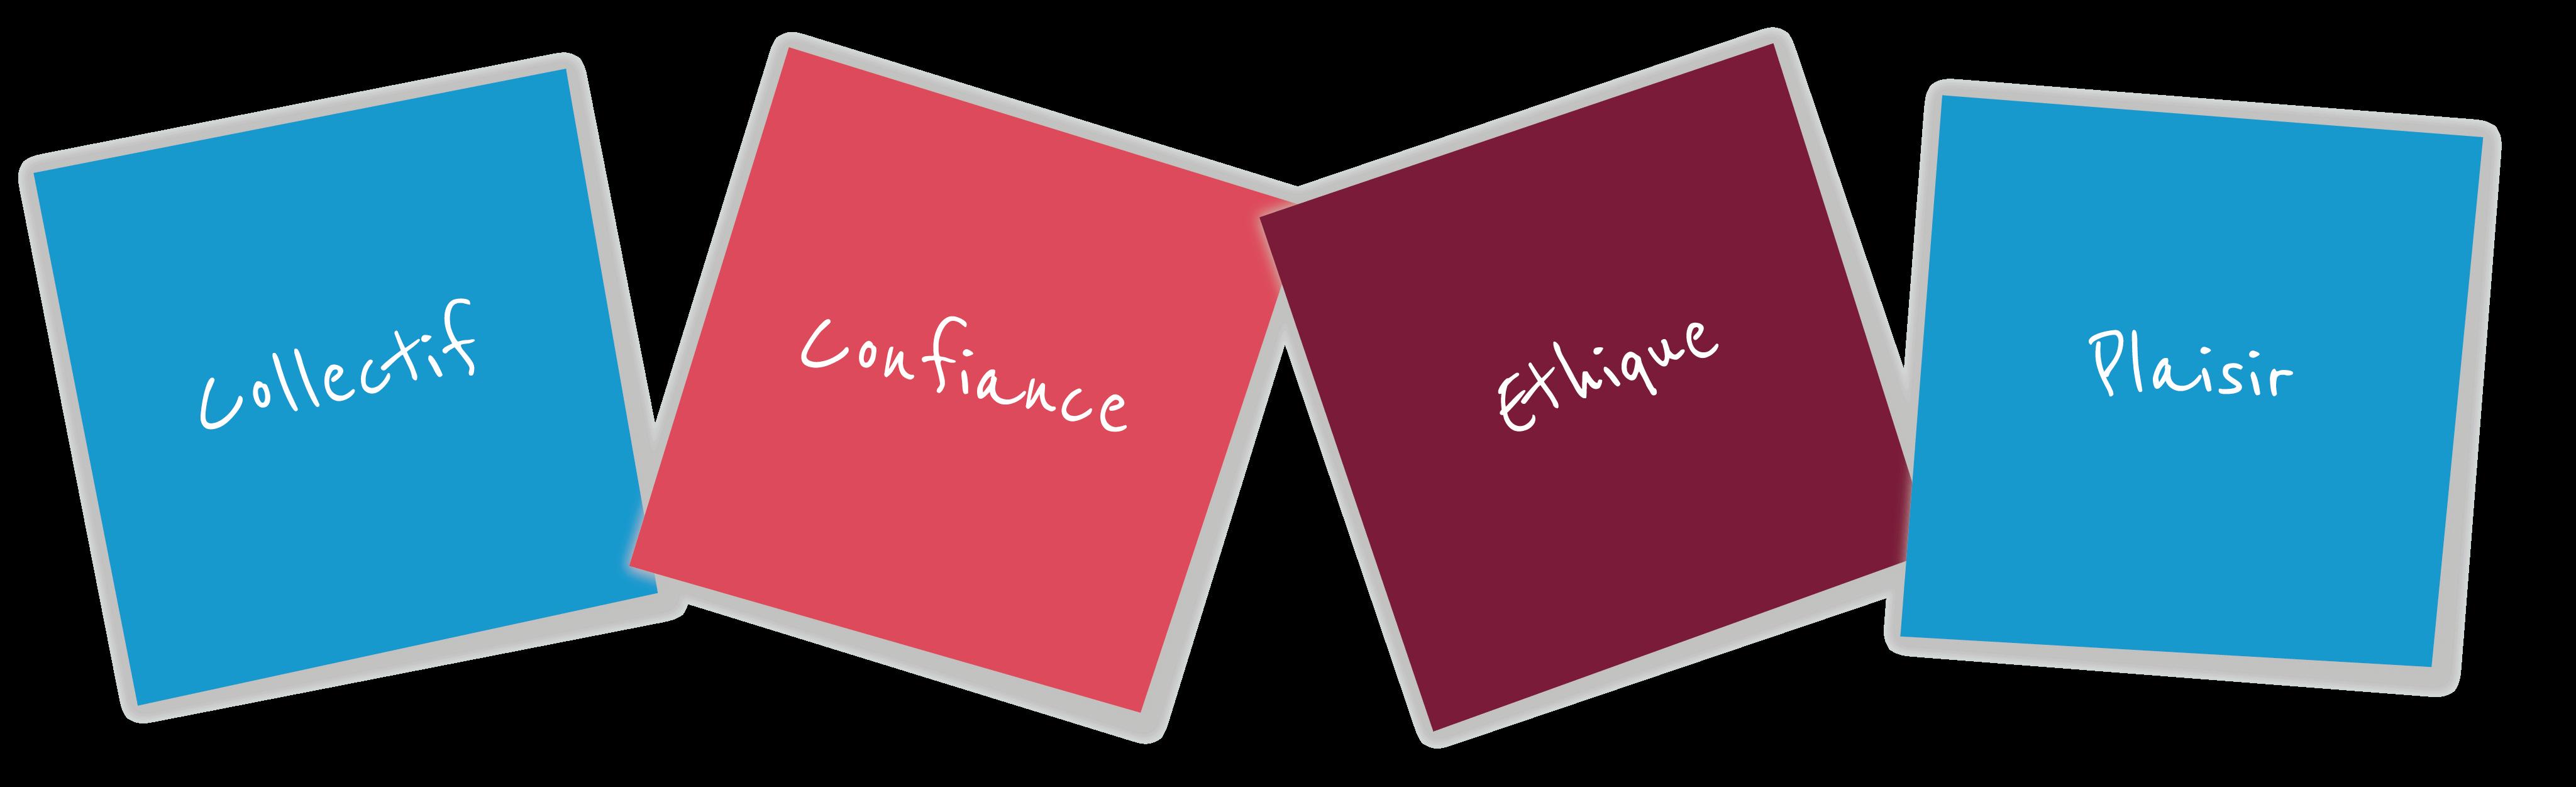 Post-it des mots clés : Collectif, confiance, éthique, plaisir